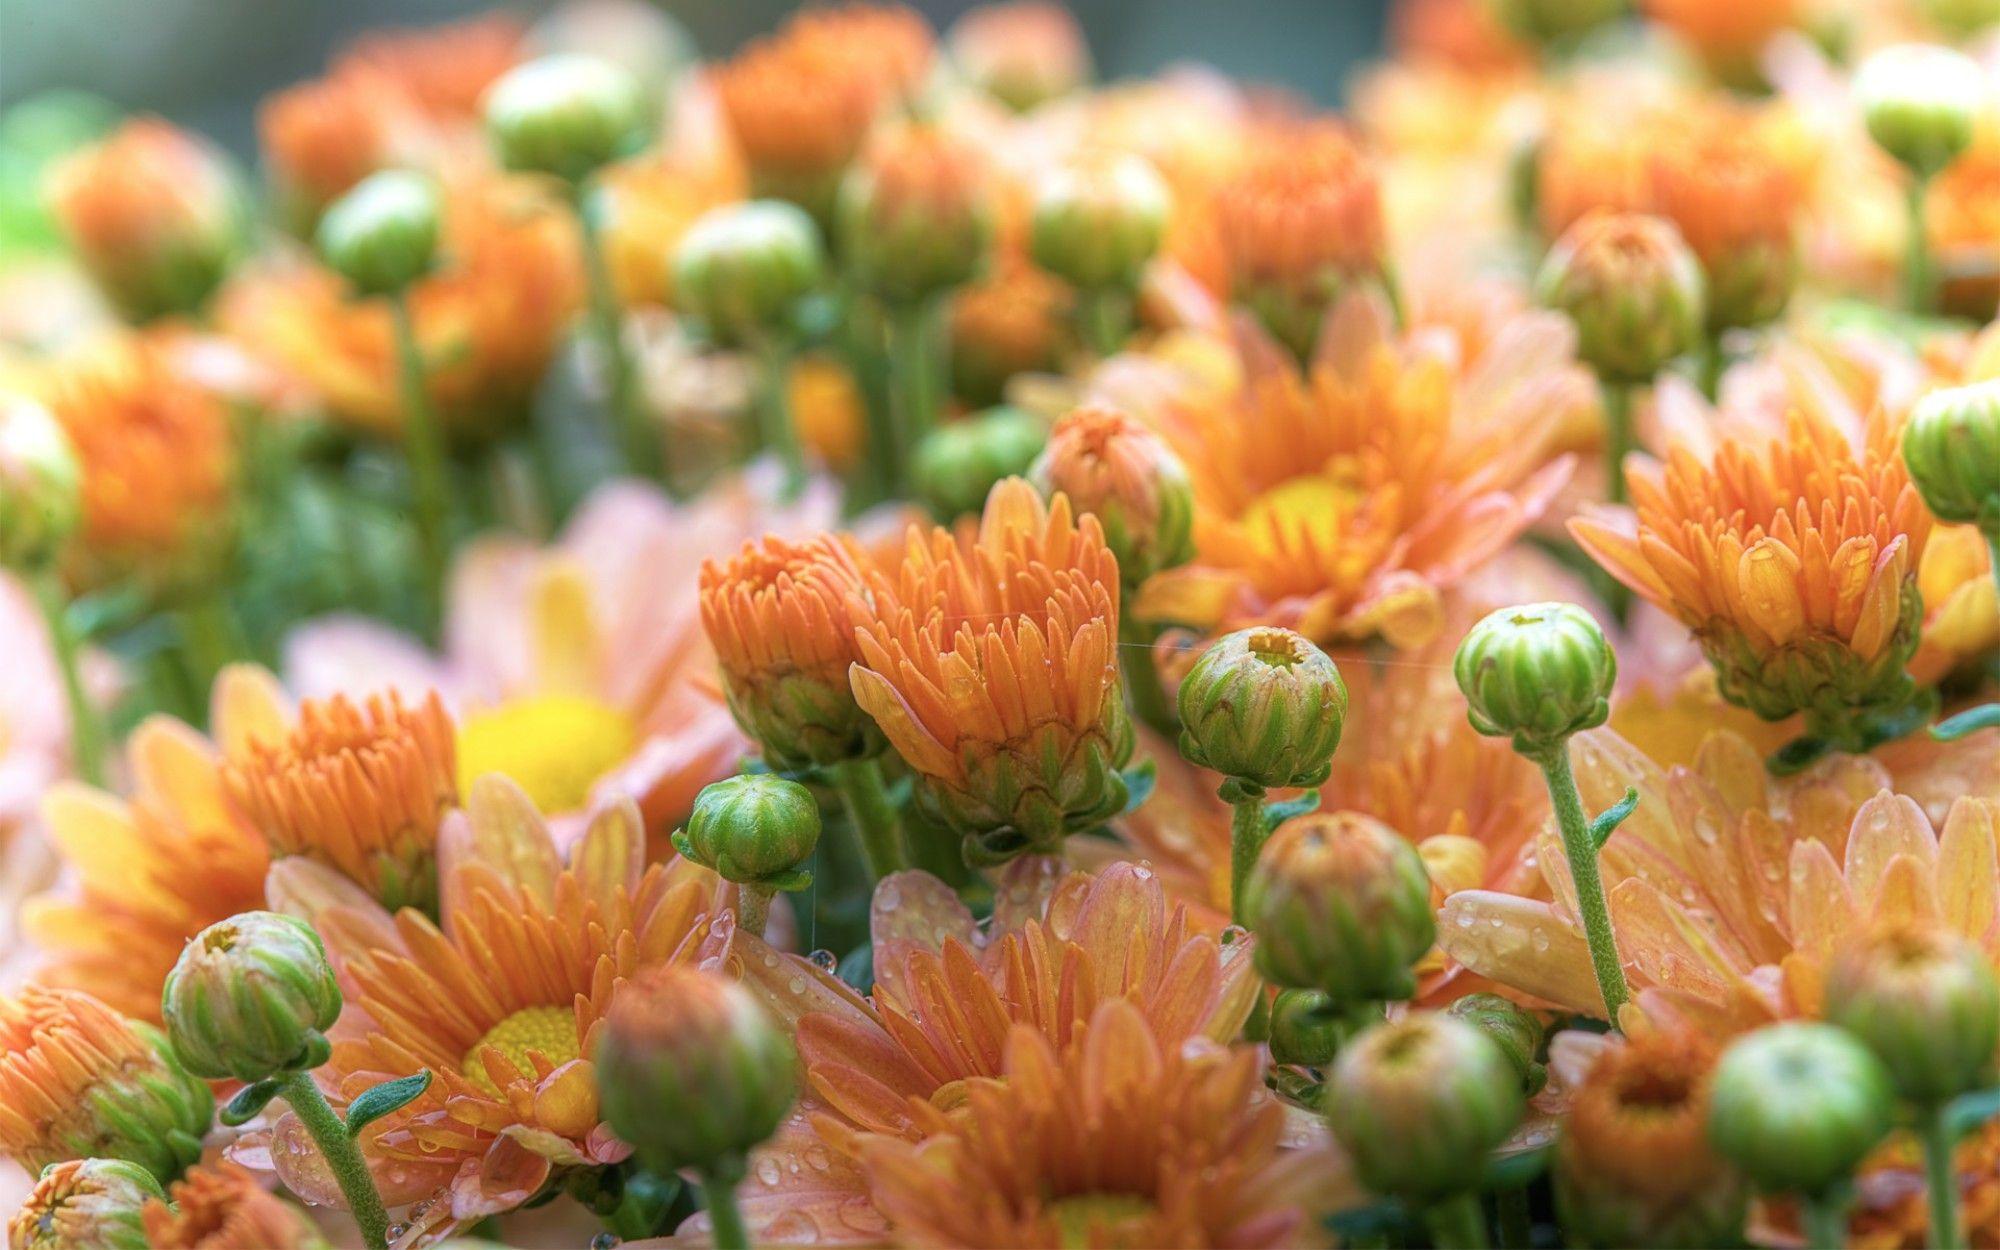 Fiori Arancioni.Fiori Arancioni